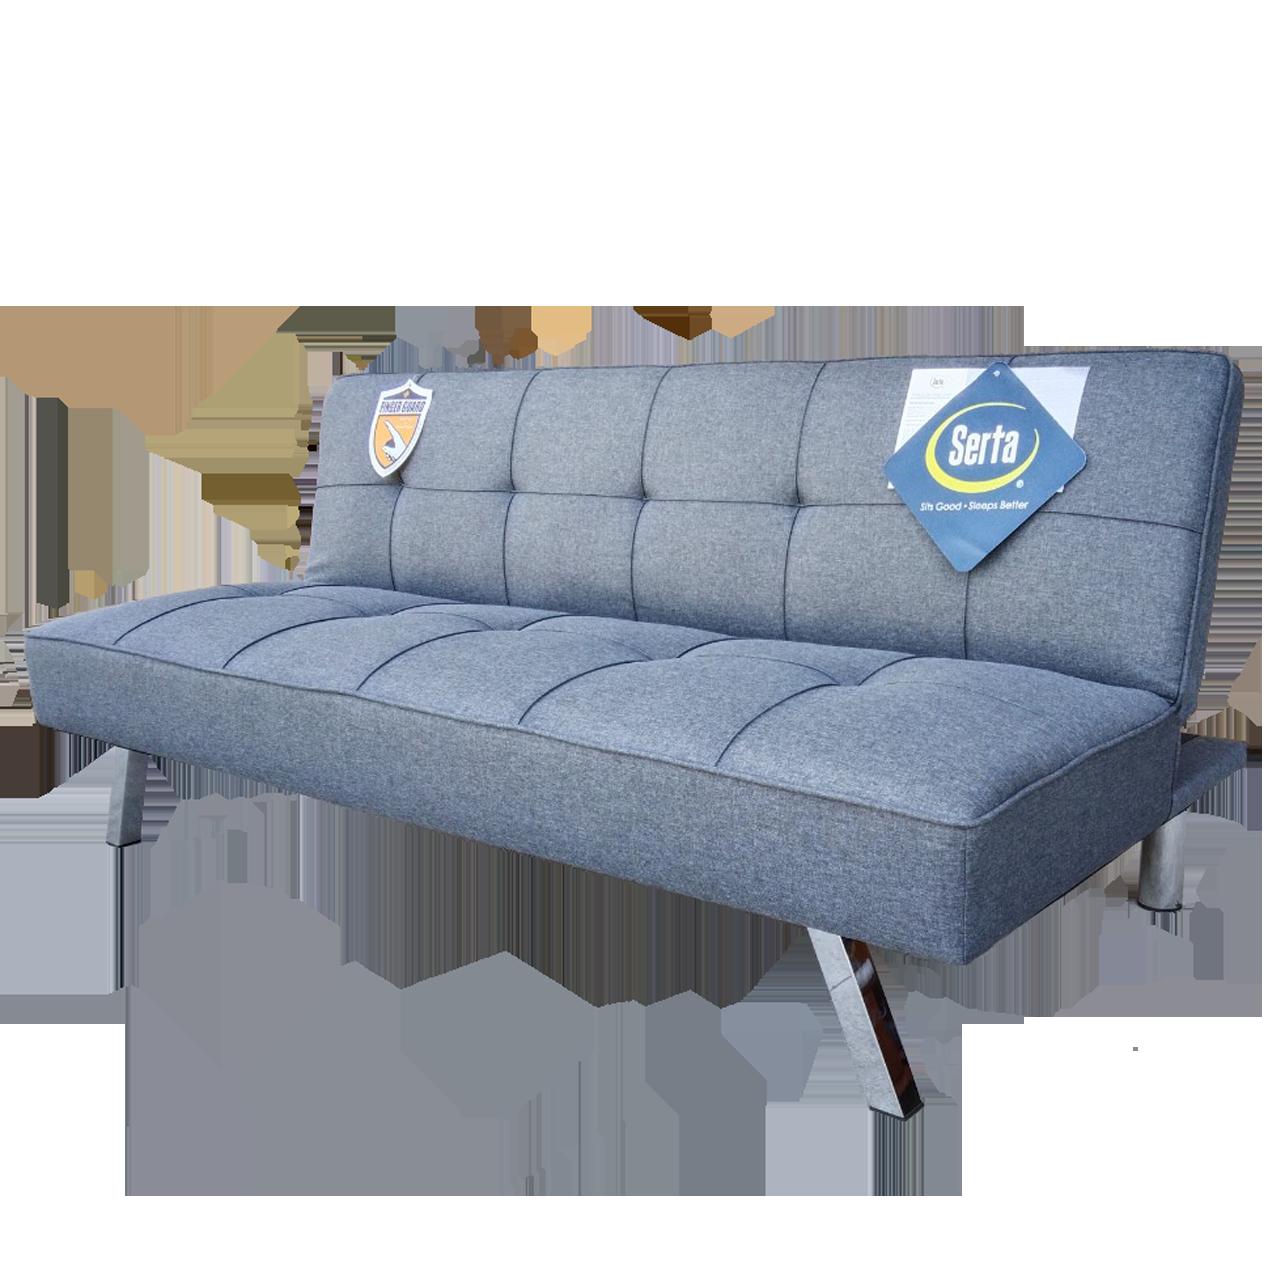 Sofa Bed Setra